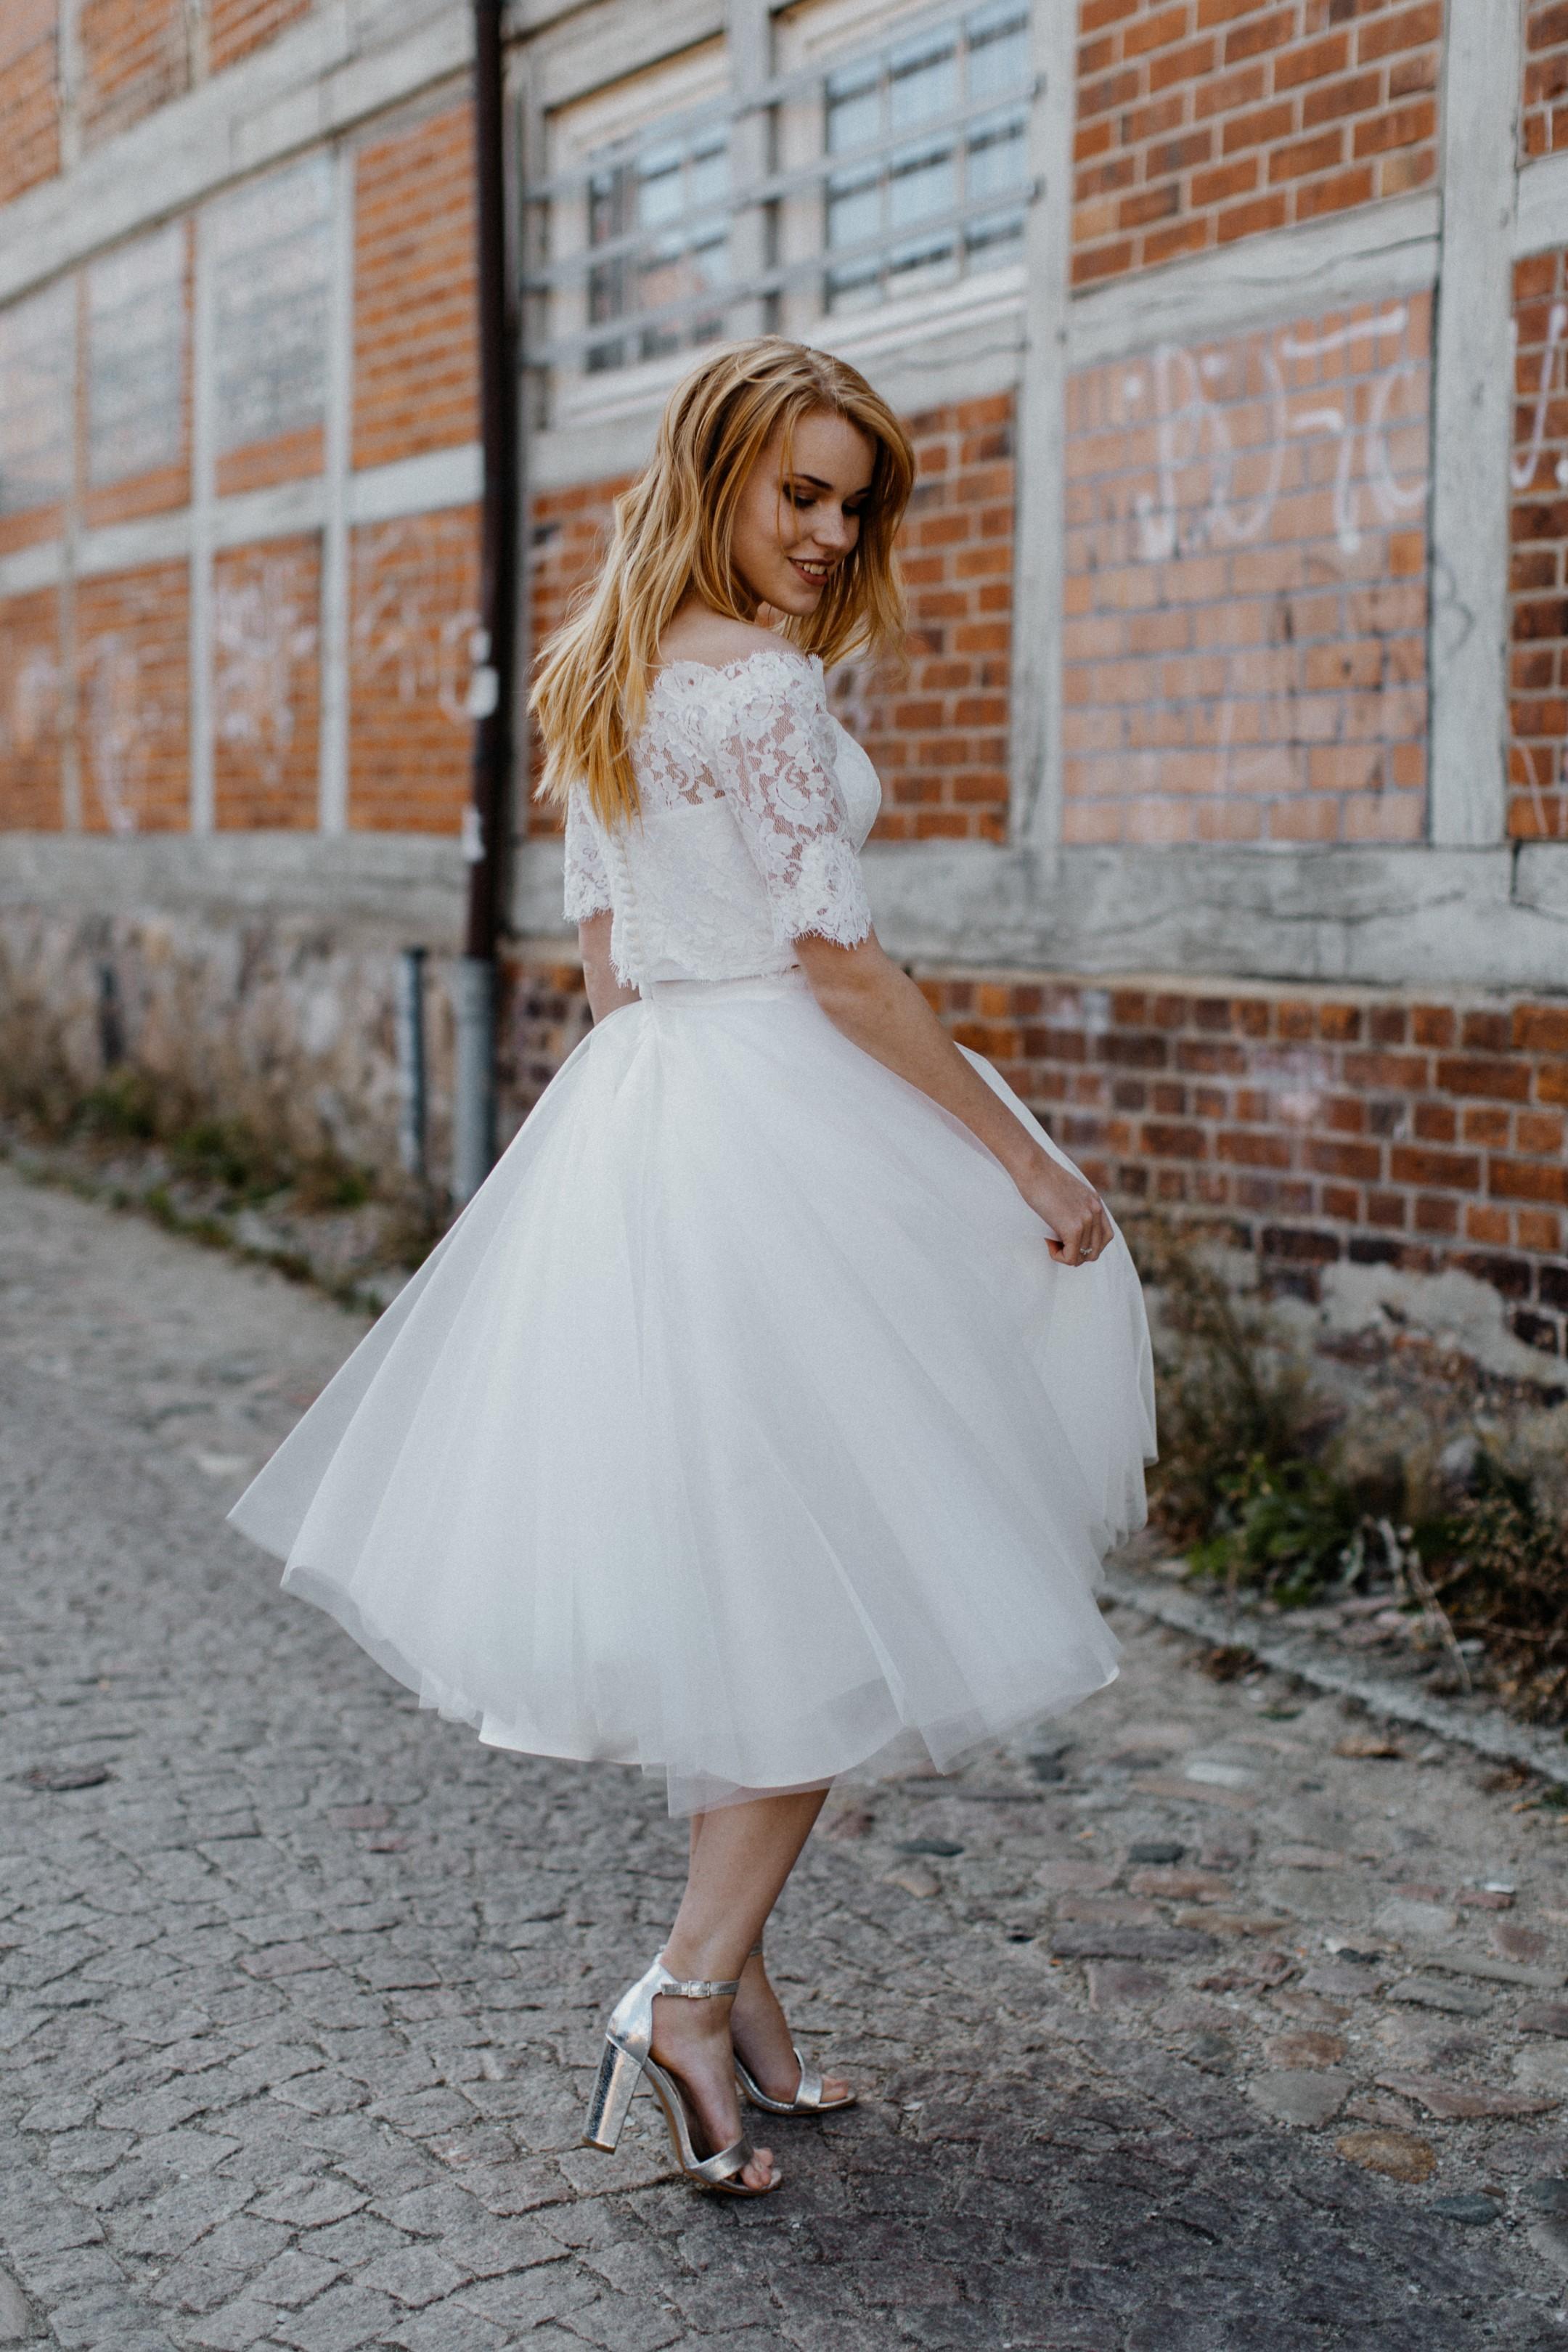 Traumanufaktur_Hochzeitsspeicher_an_der_Elbe_Styled_Shoot_072 (Andere)